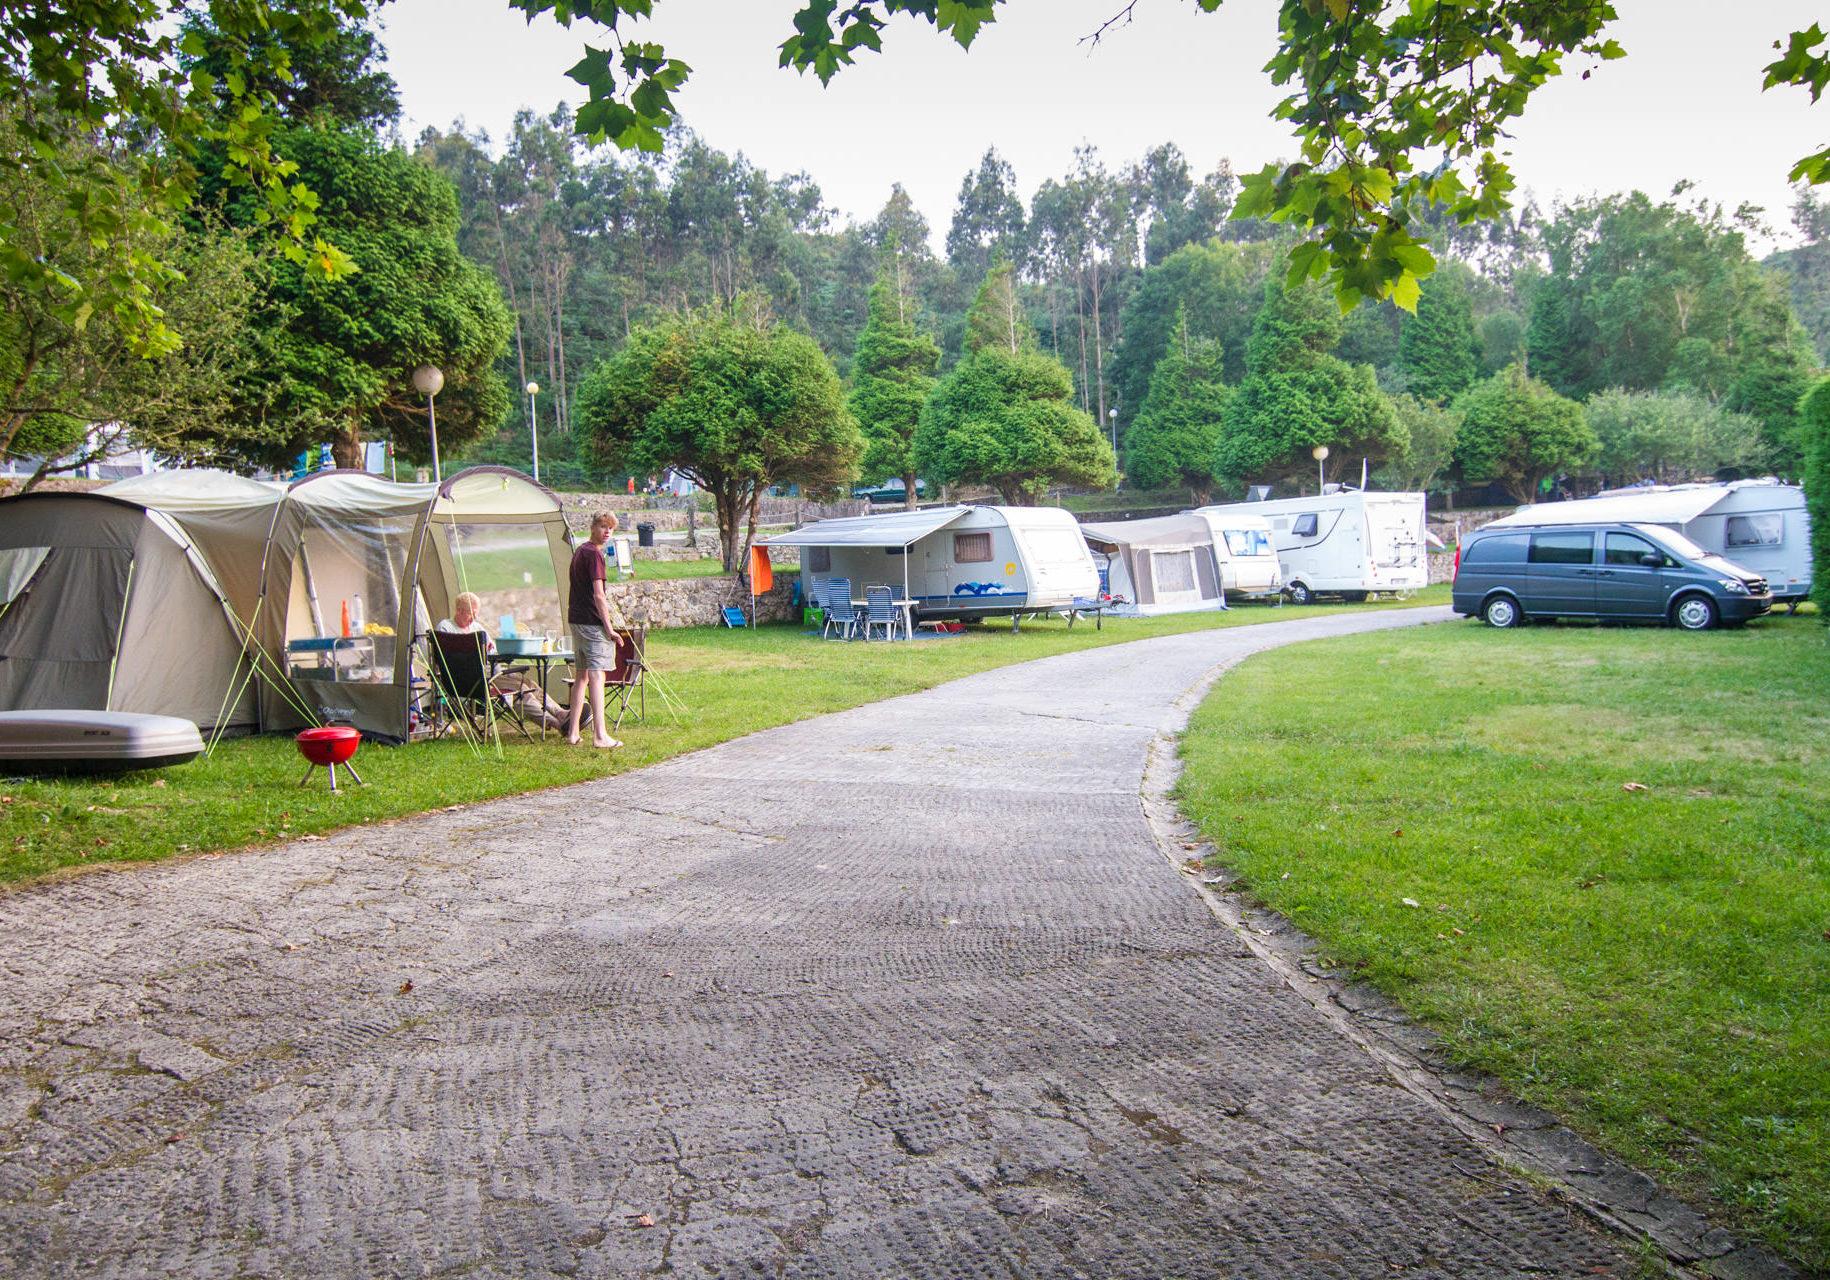 Vista interior del camping con caravanas, tiendas de campaña y vehículos